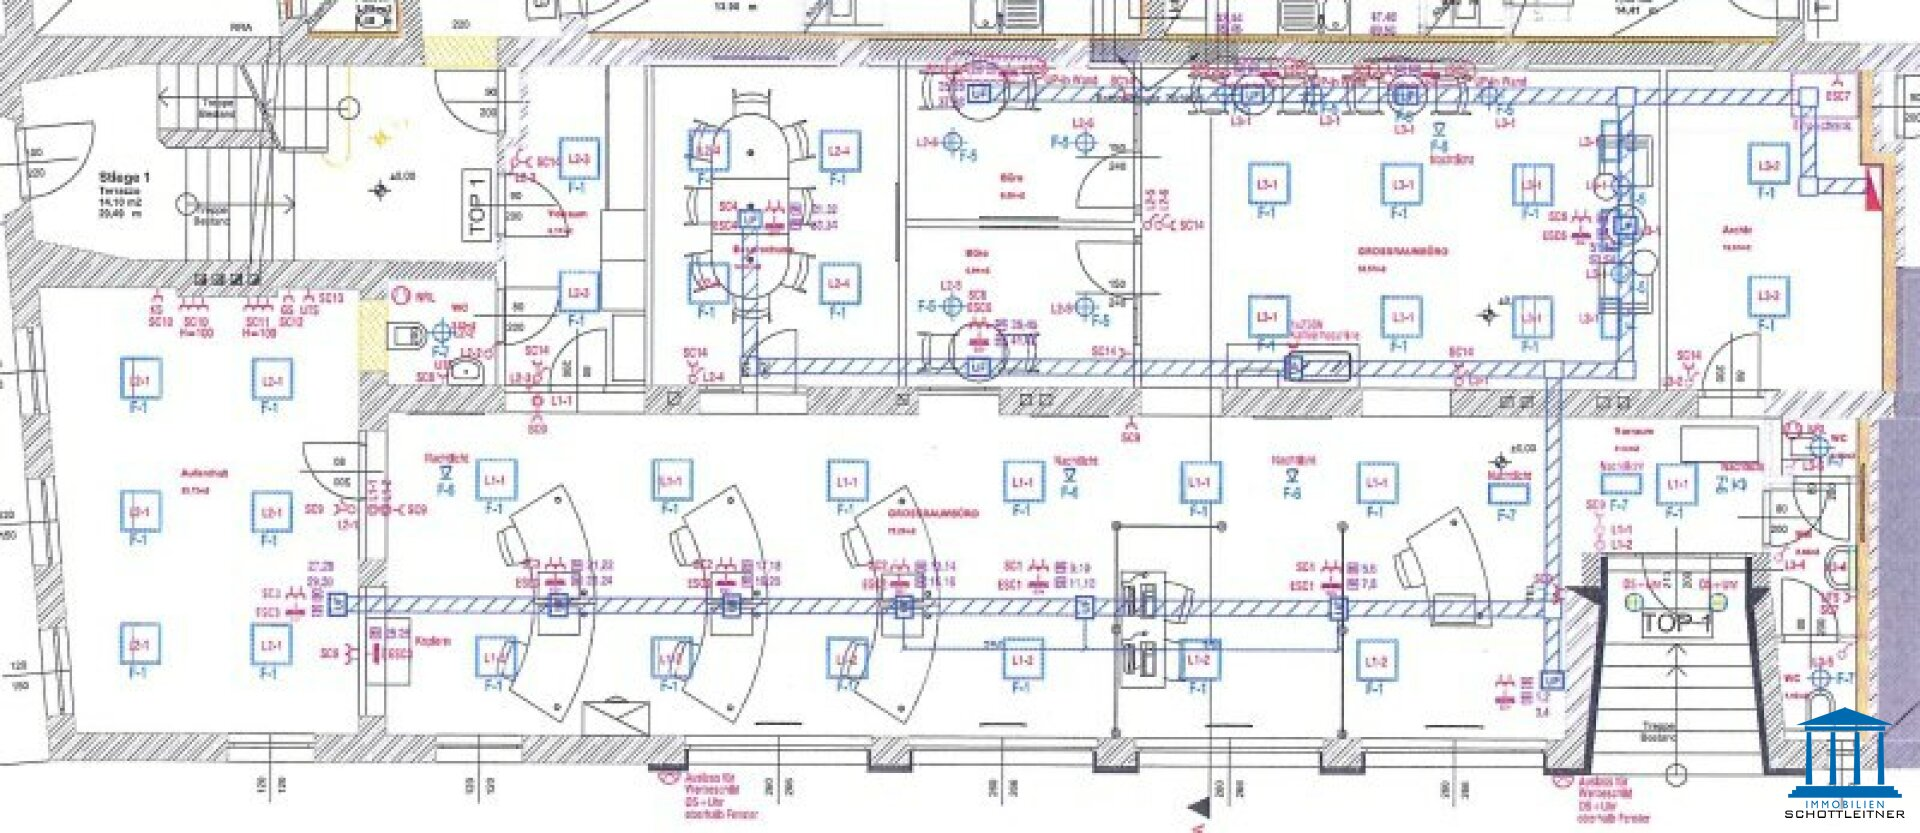 1079_Plan für Intern